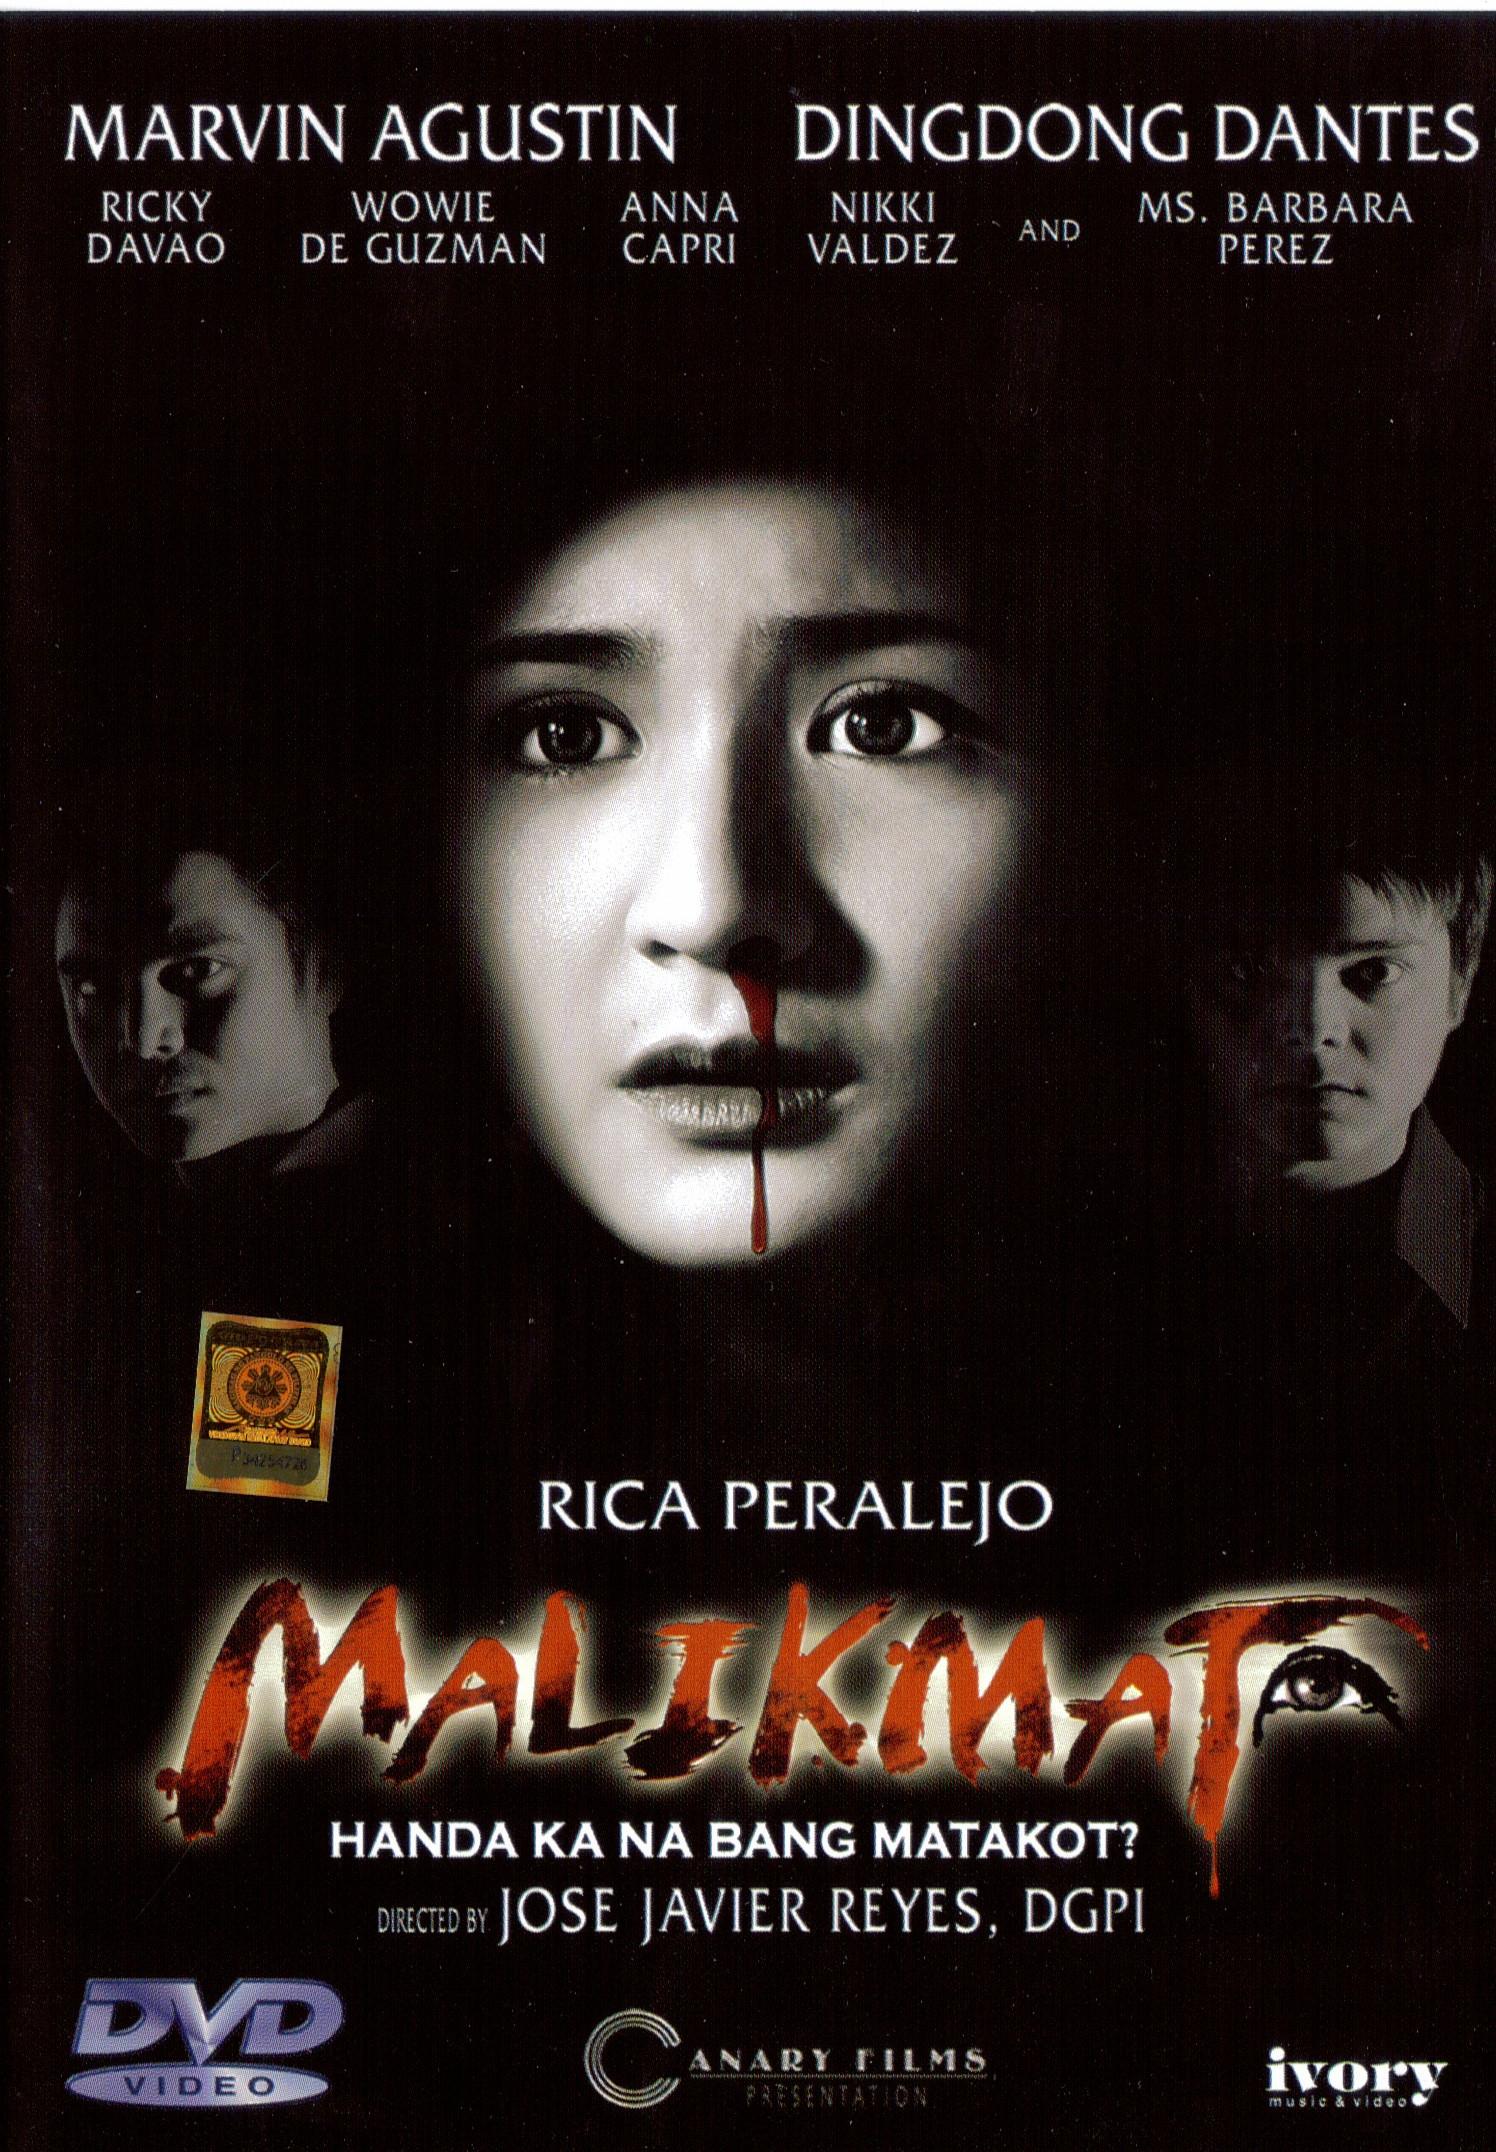 Malikmata